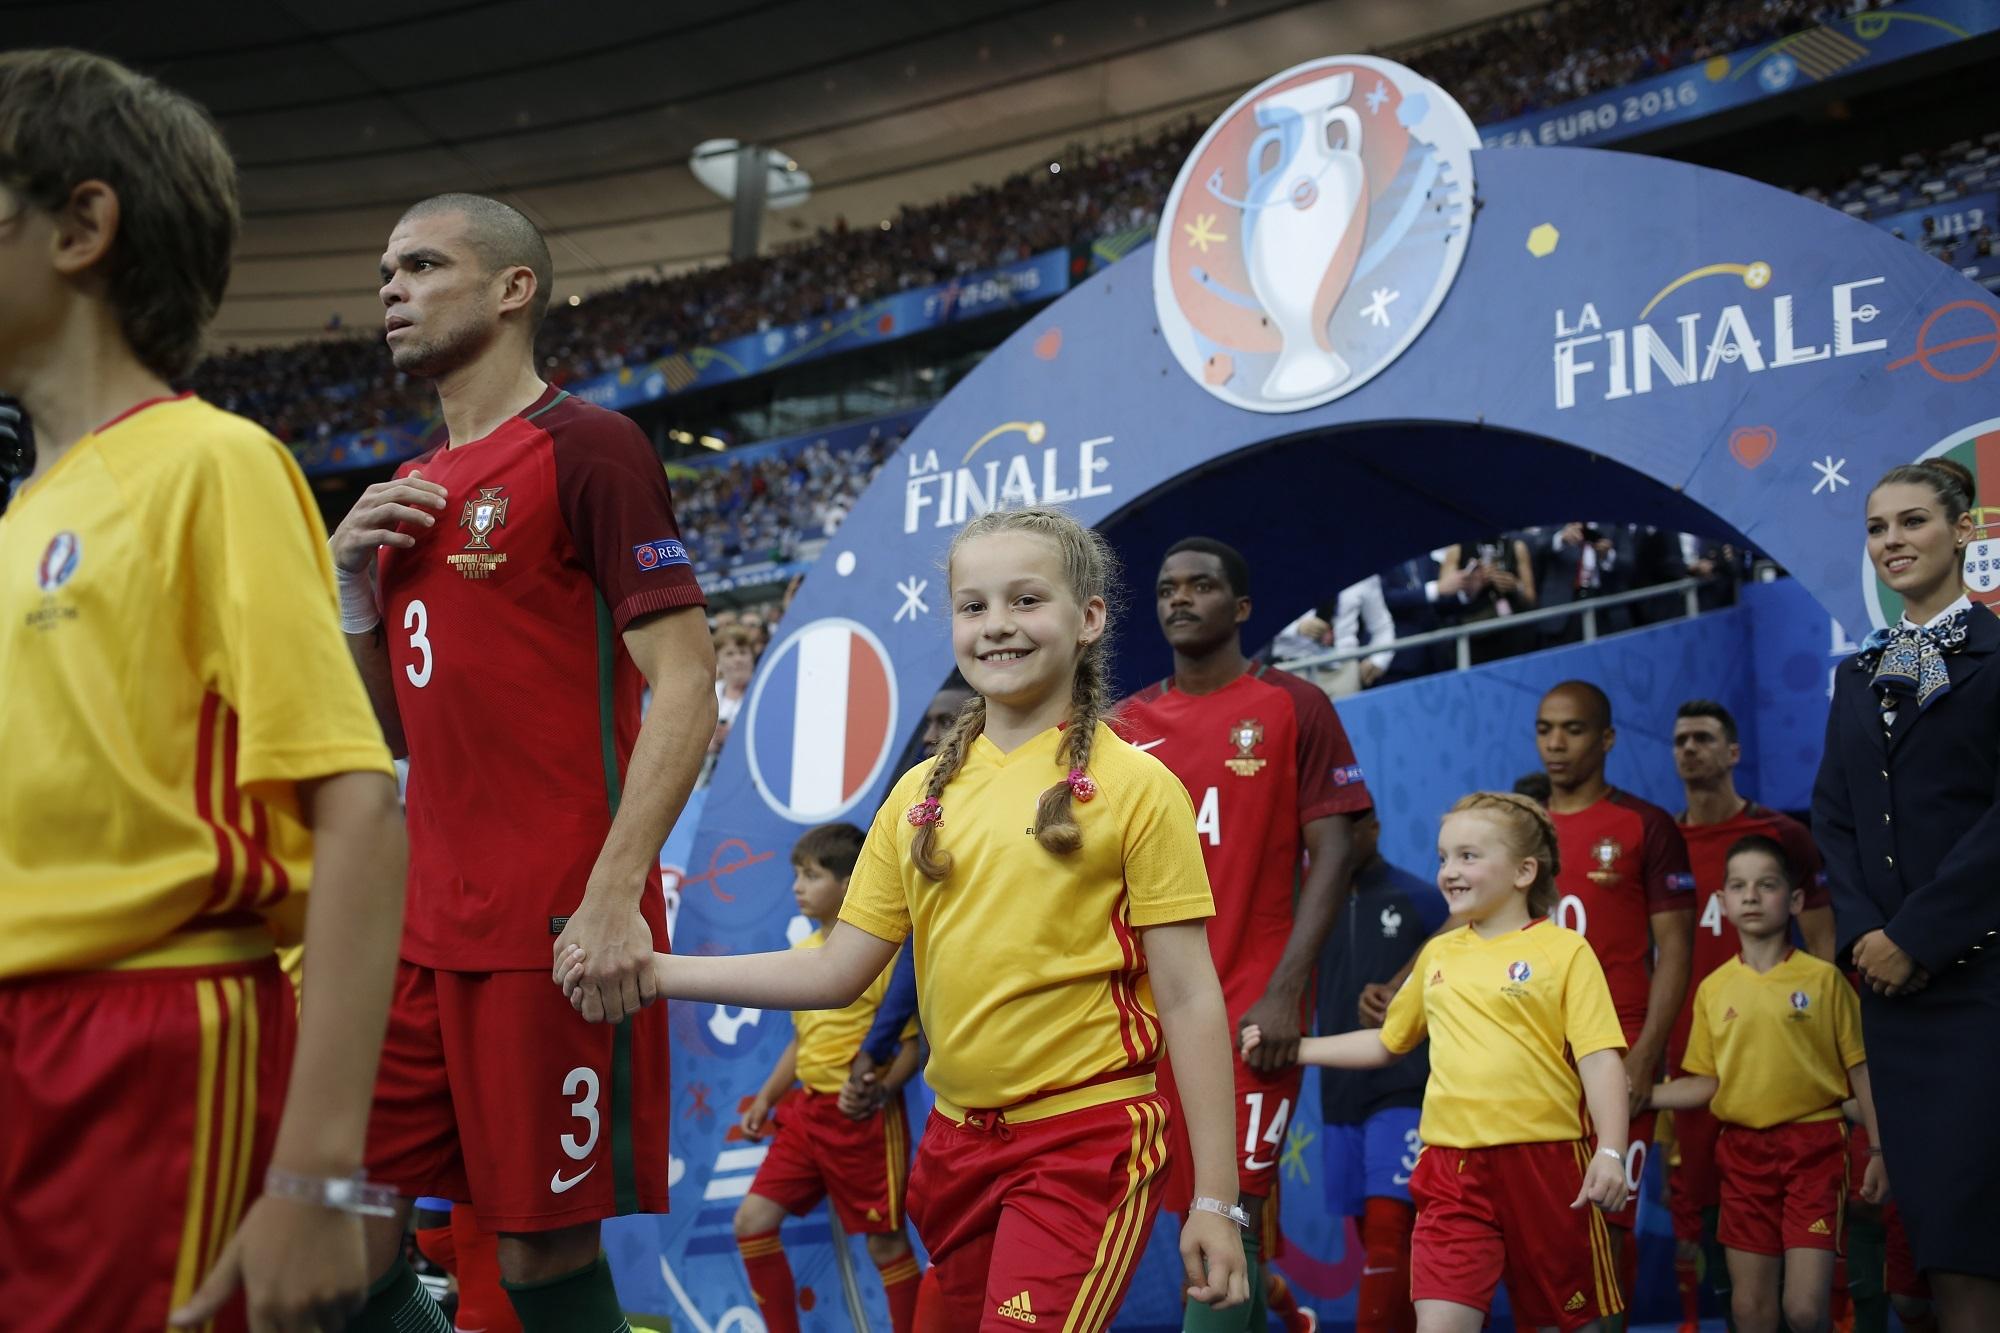 3cba35983b4 McDonald's saadab ühe Eesti lapse jalgpalli MM-i finaalmängule - Uudised